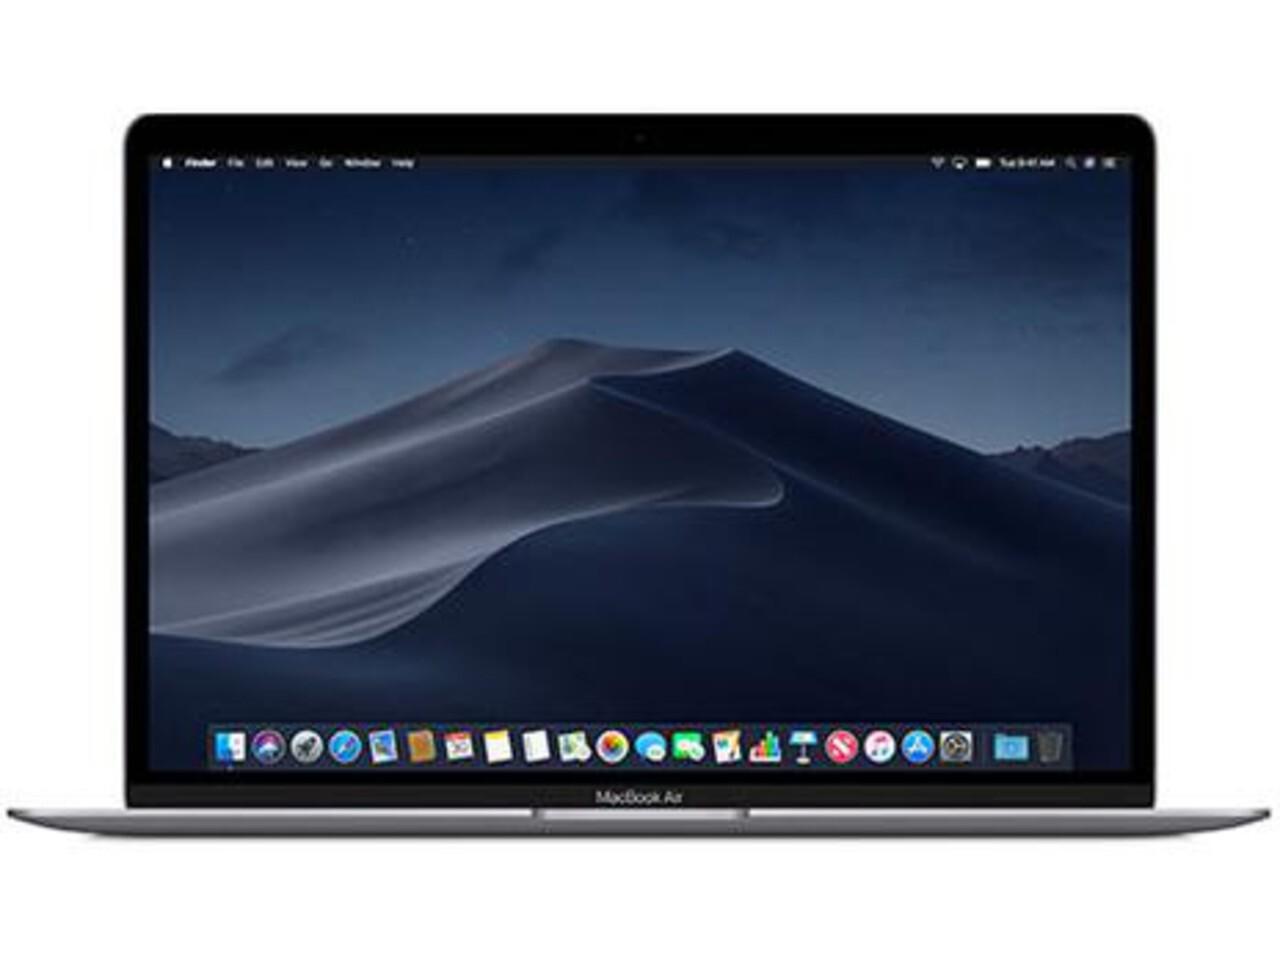 macbook air 13 inch 2019 silver